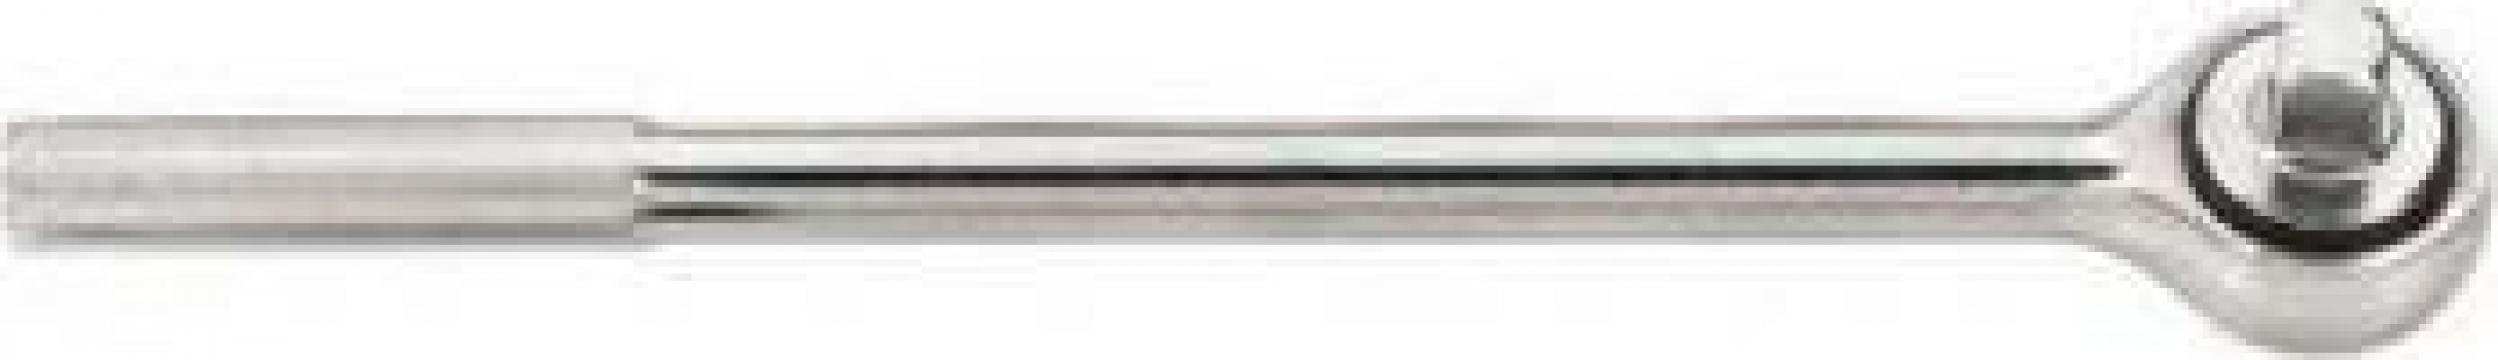 Cheie dinamometrica 0308